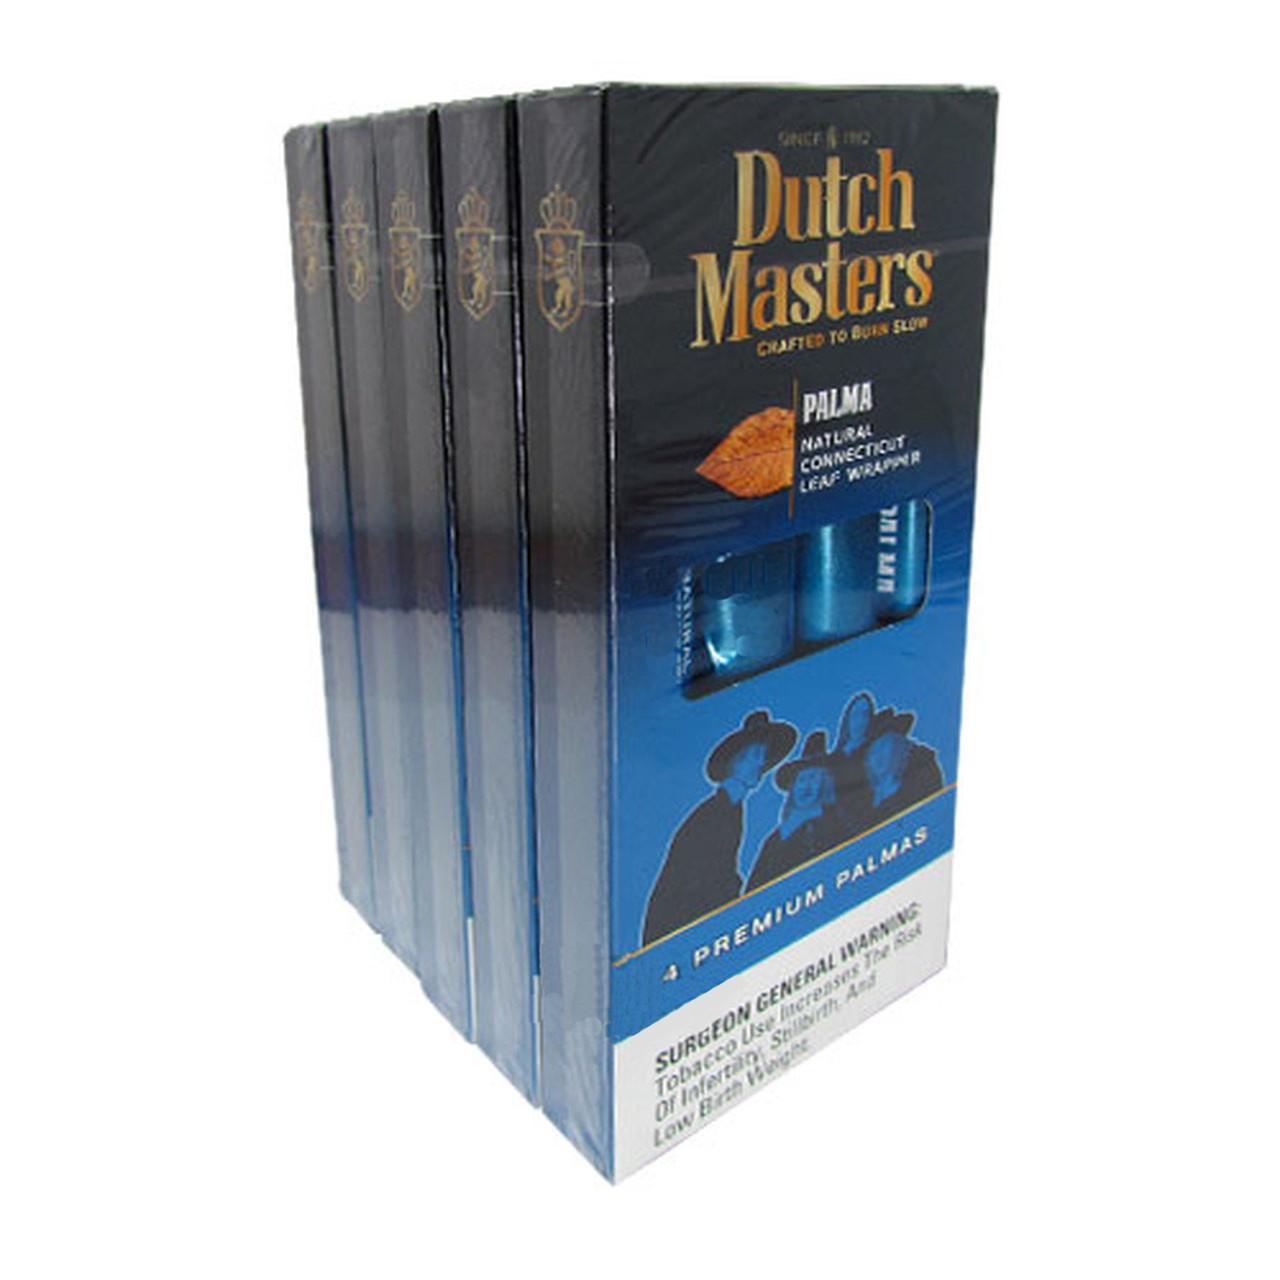 Dutch Masters Palma Cigars (5 Packs Of 4) - Natural